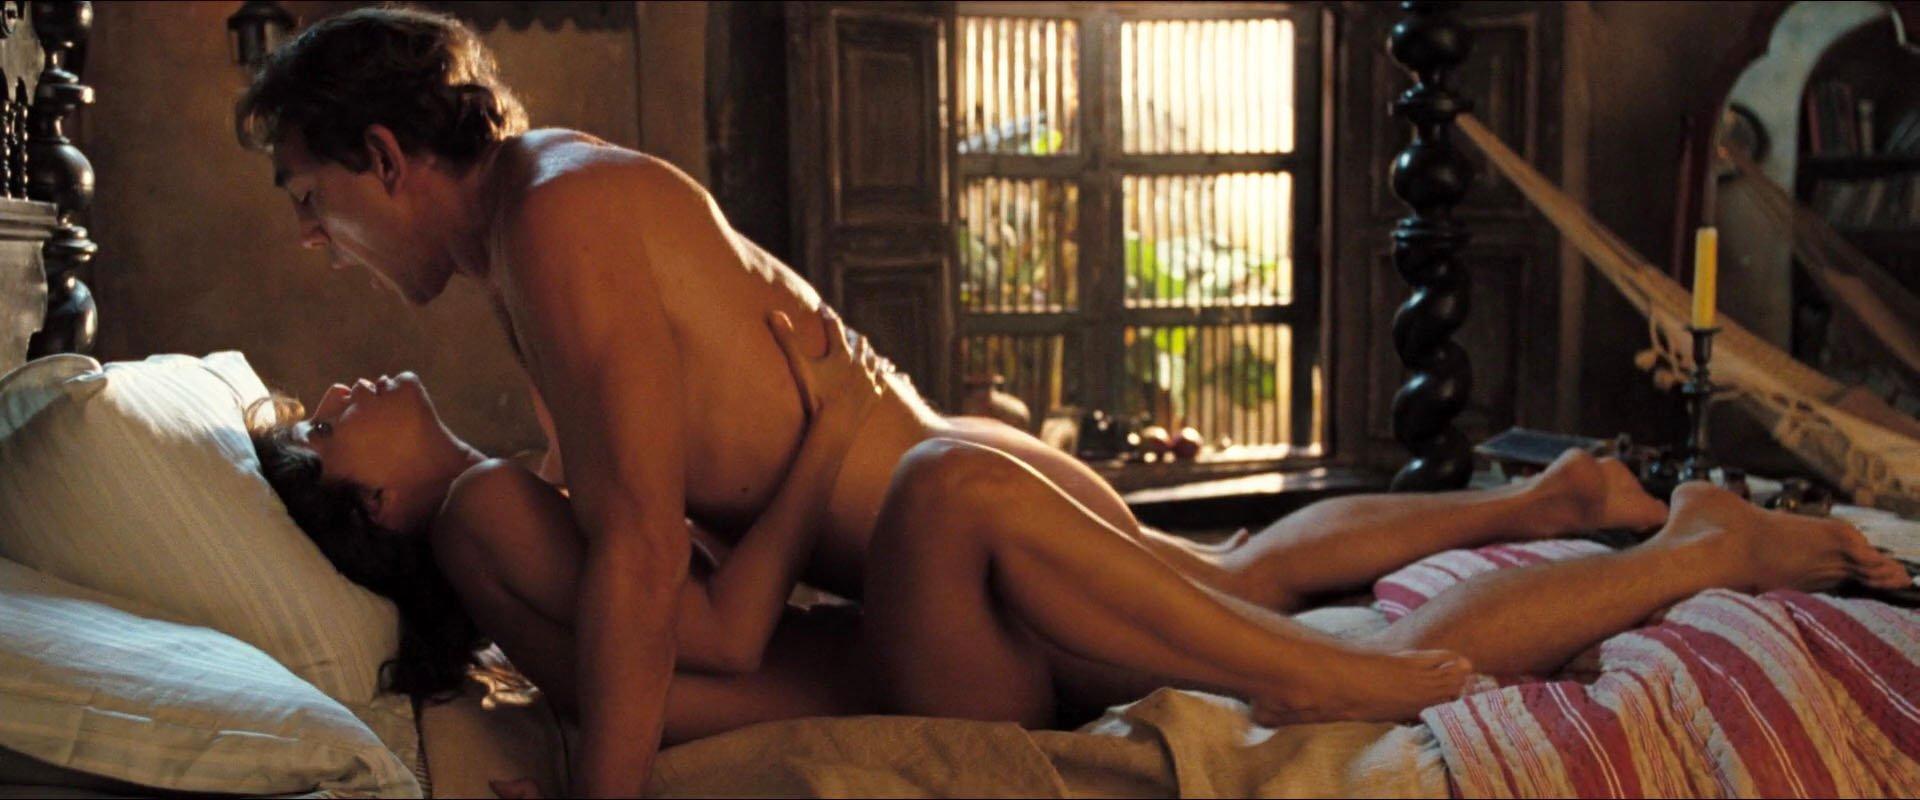 talancon Ana nude claudia